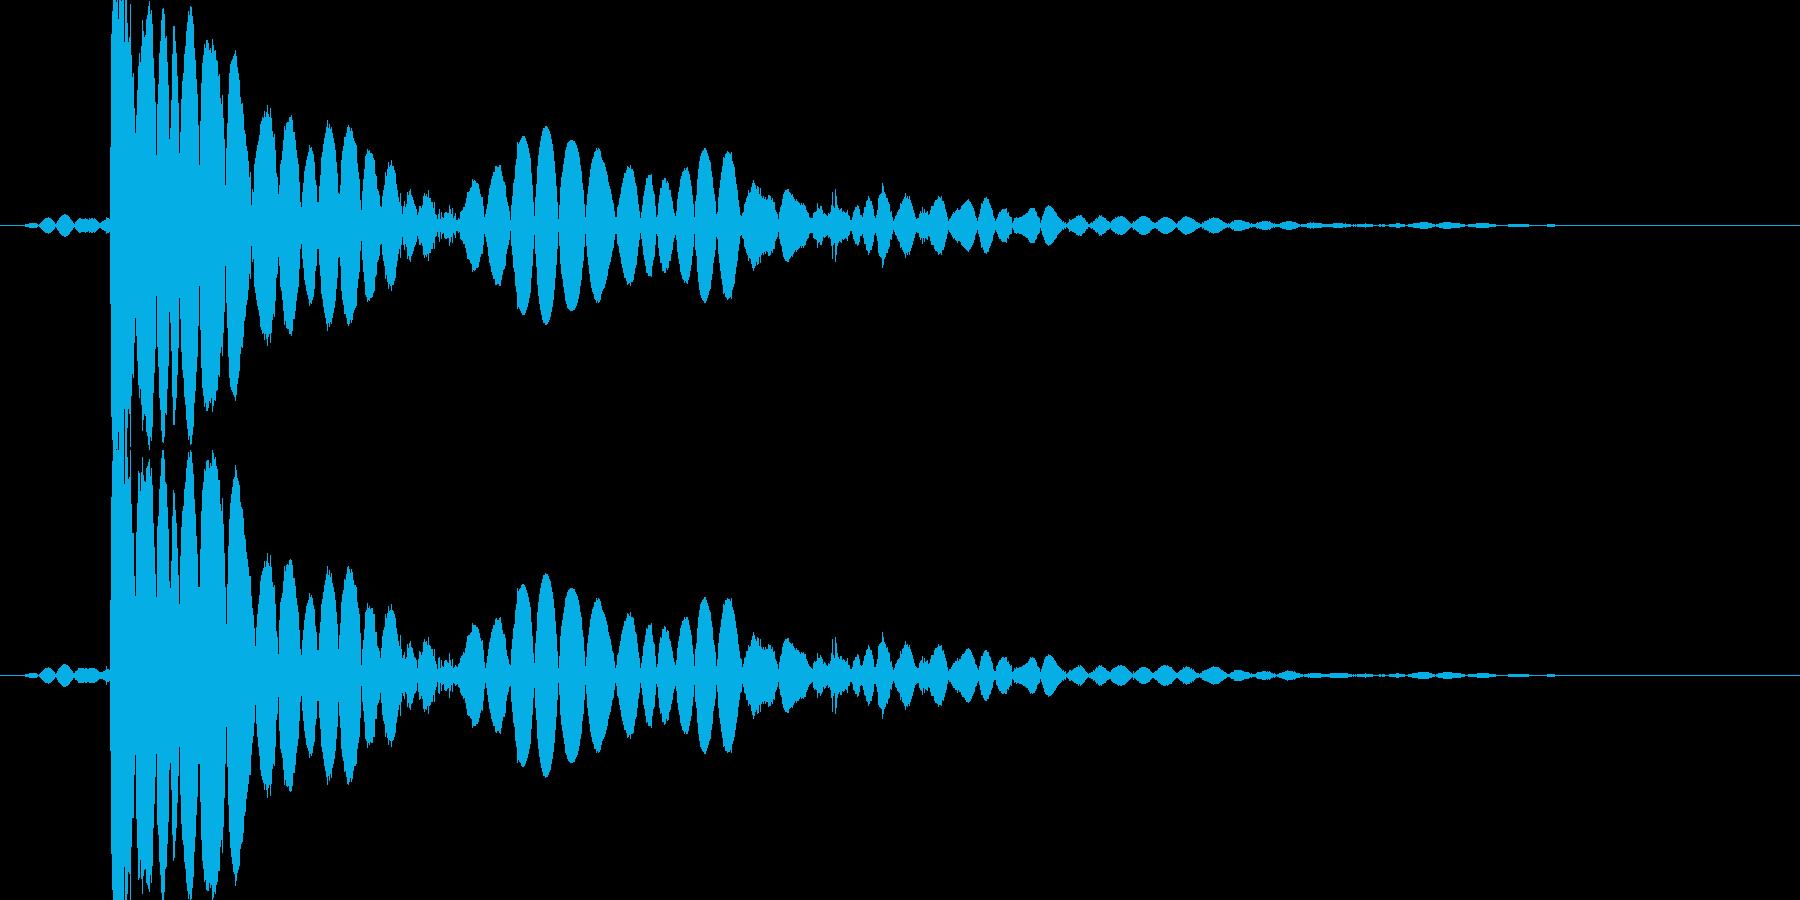 「ドスっ!」キック・蹴る3の再生済みの波形